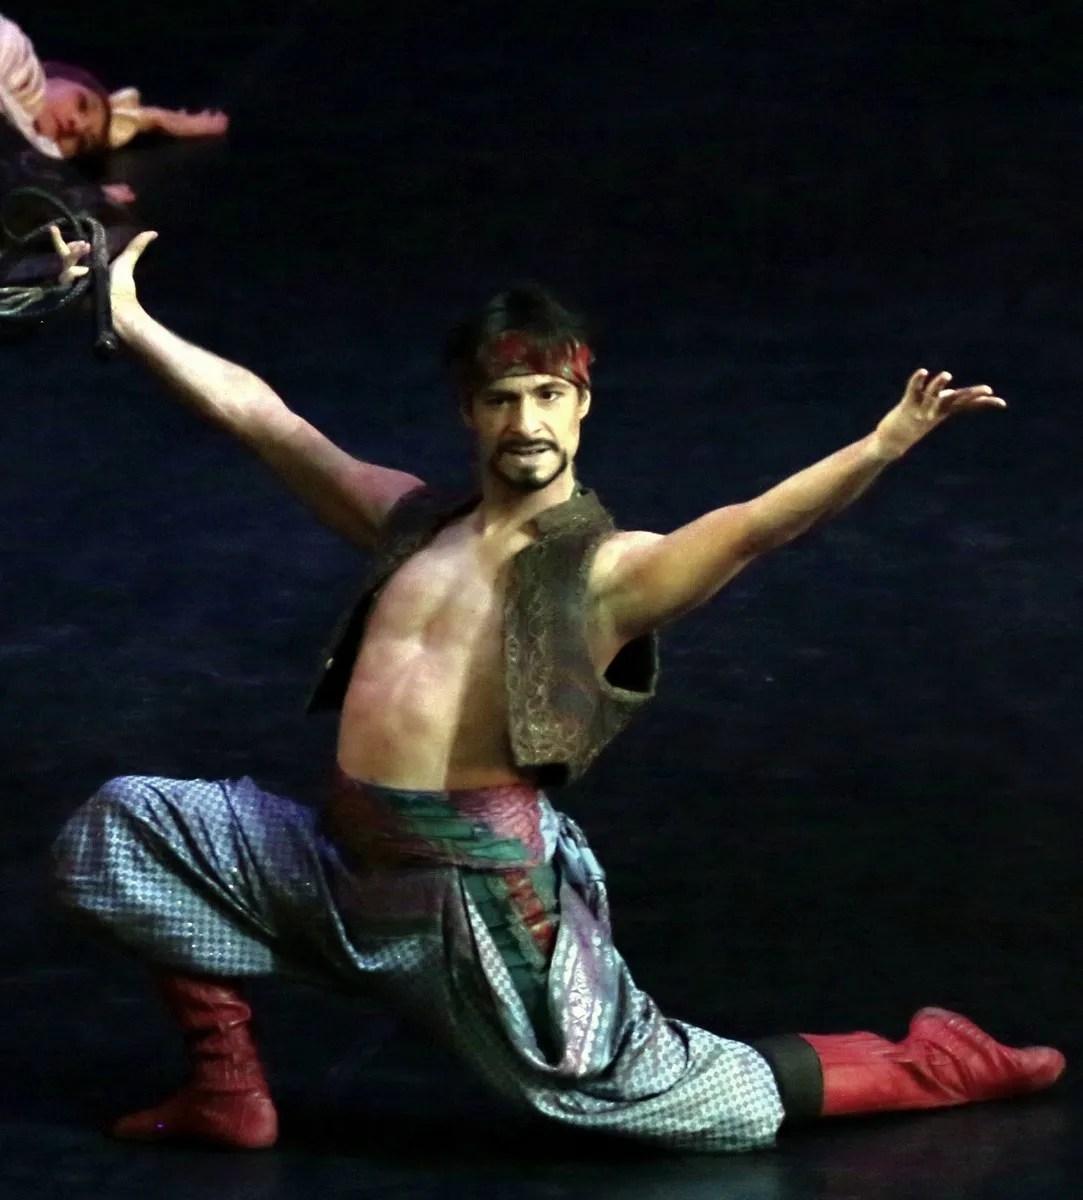 Don Quixote - Federico Fresi, photo by Brescia e Amisano ©Teatro alla Scala